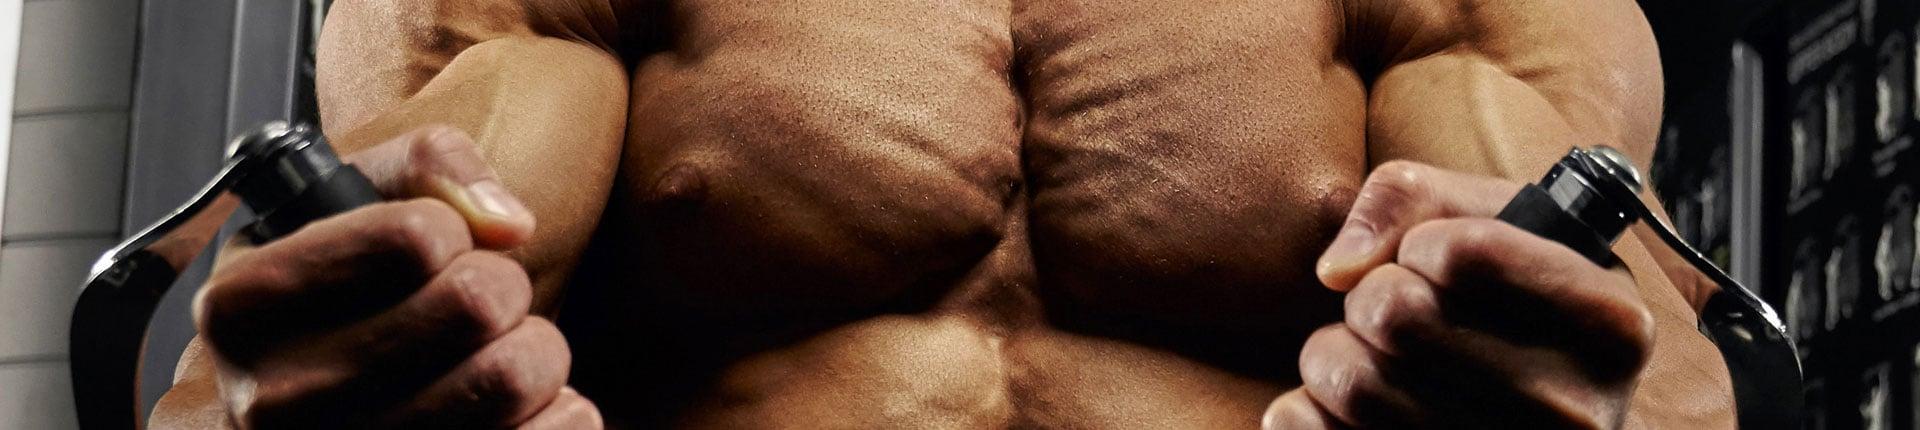 Jak wydłużyć czas napięcia mięśni?